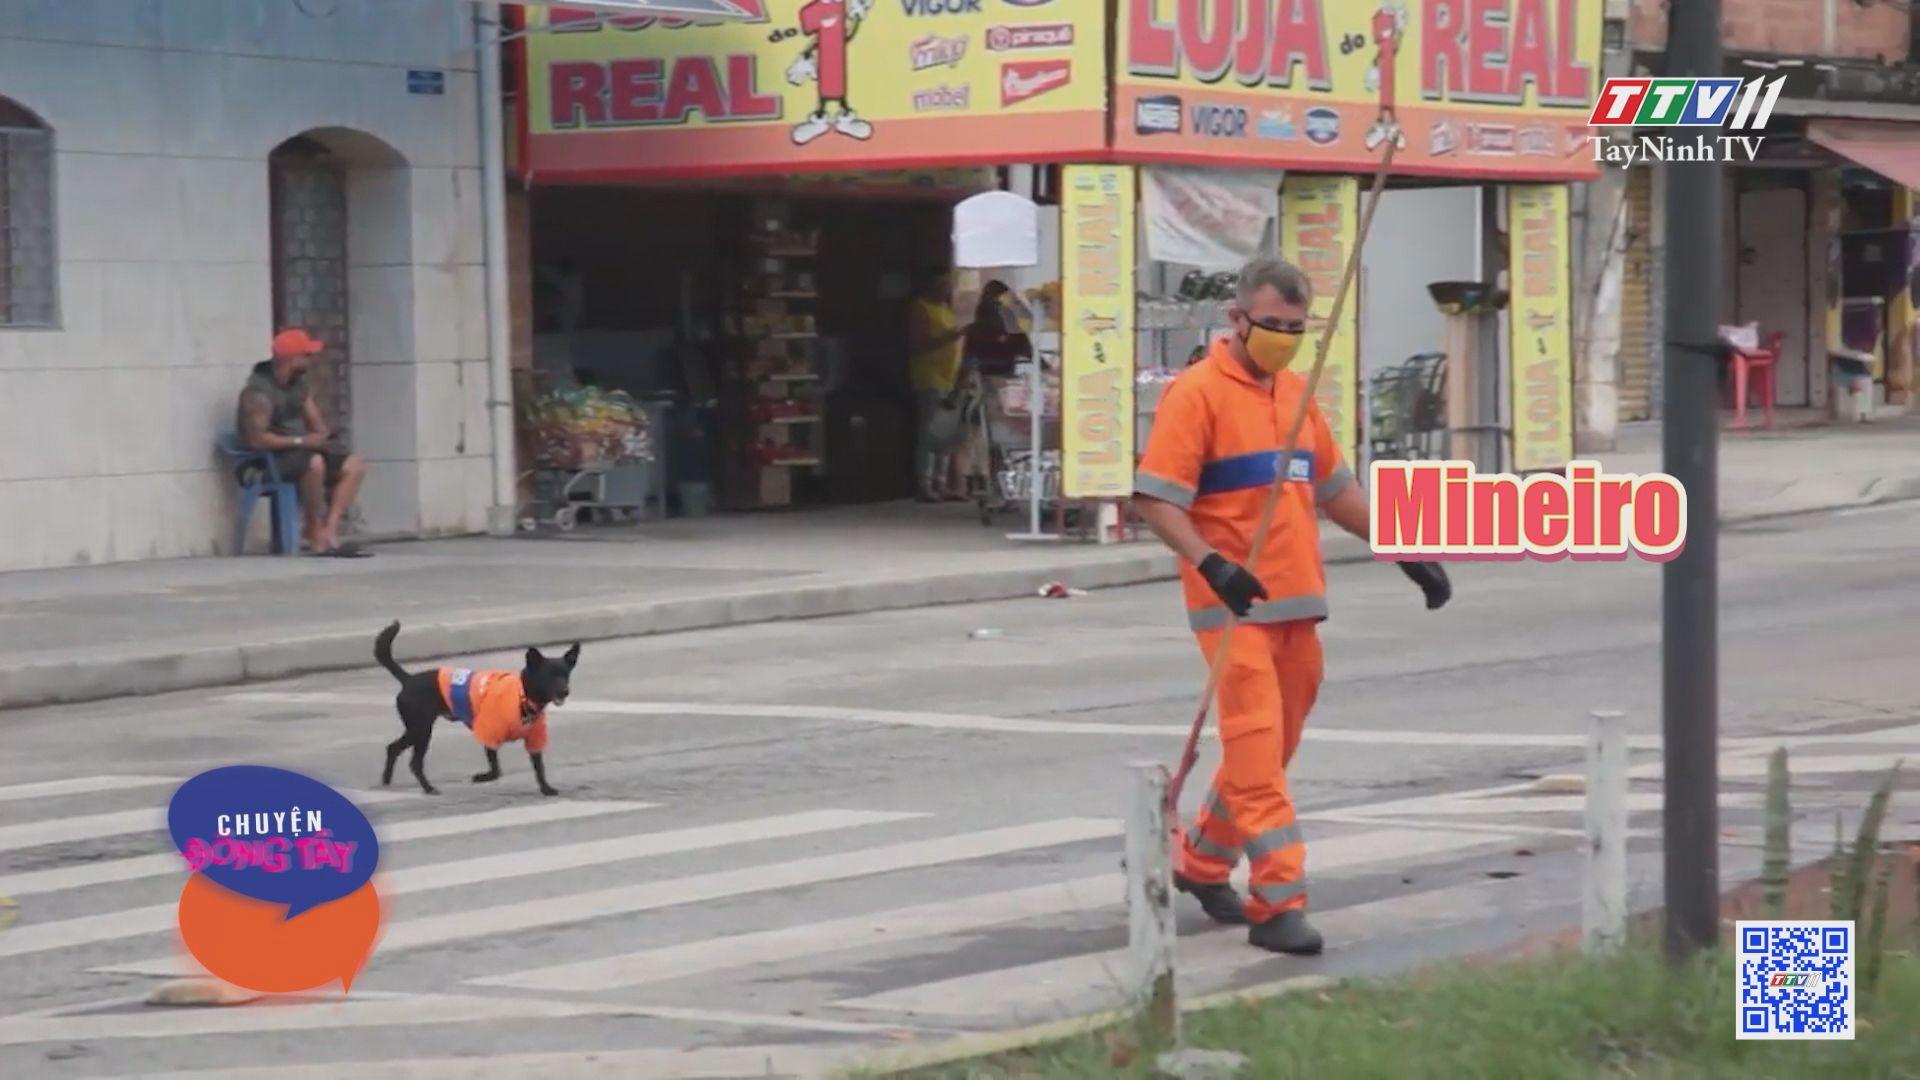 Người quét đường đồng hành cùng chó cưng | CHUYỆN ĐÔNG TÂY KỲ THÚ | TayNinhTVE